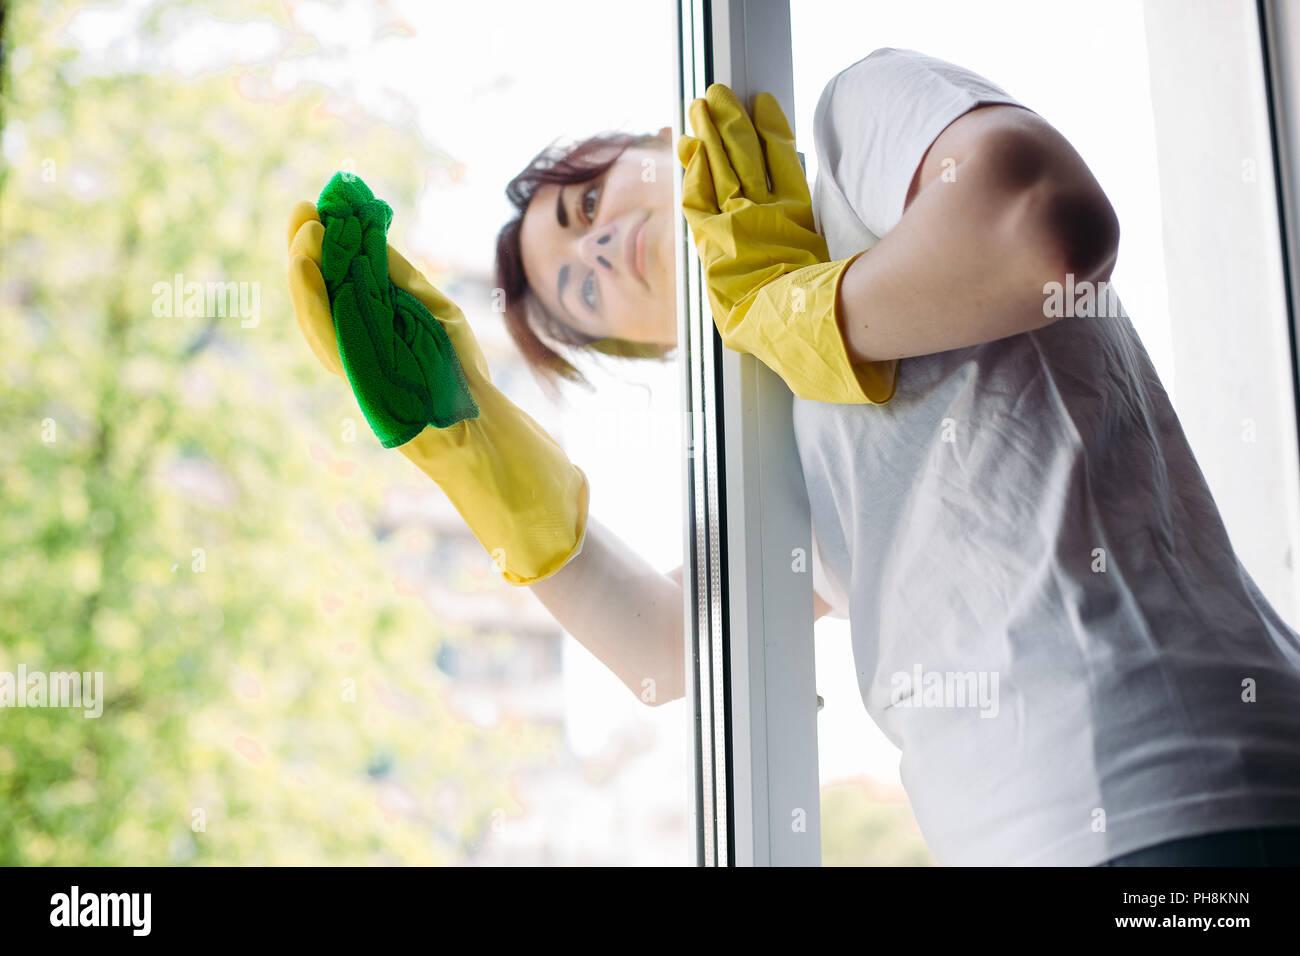 Femme au foyer brune gros nettoyage fenêtre sale. Concept de maison et appartement de service. Photo Stock